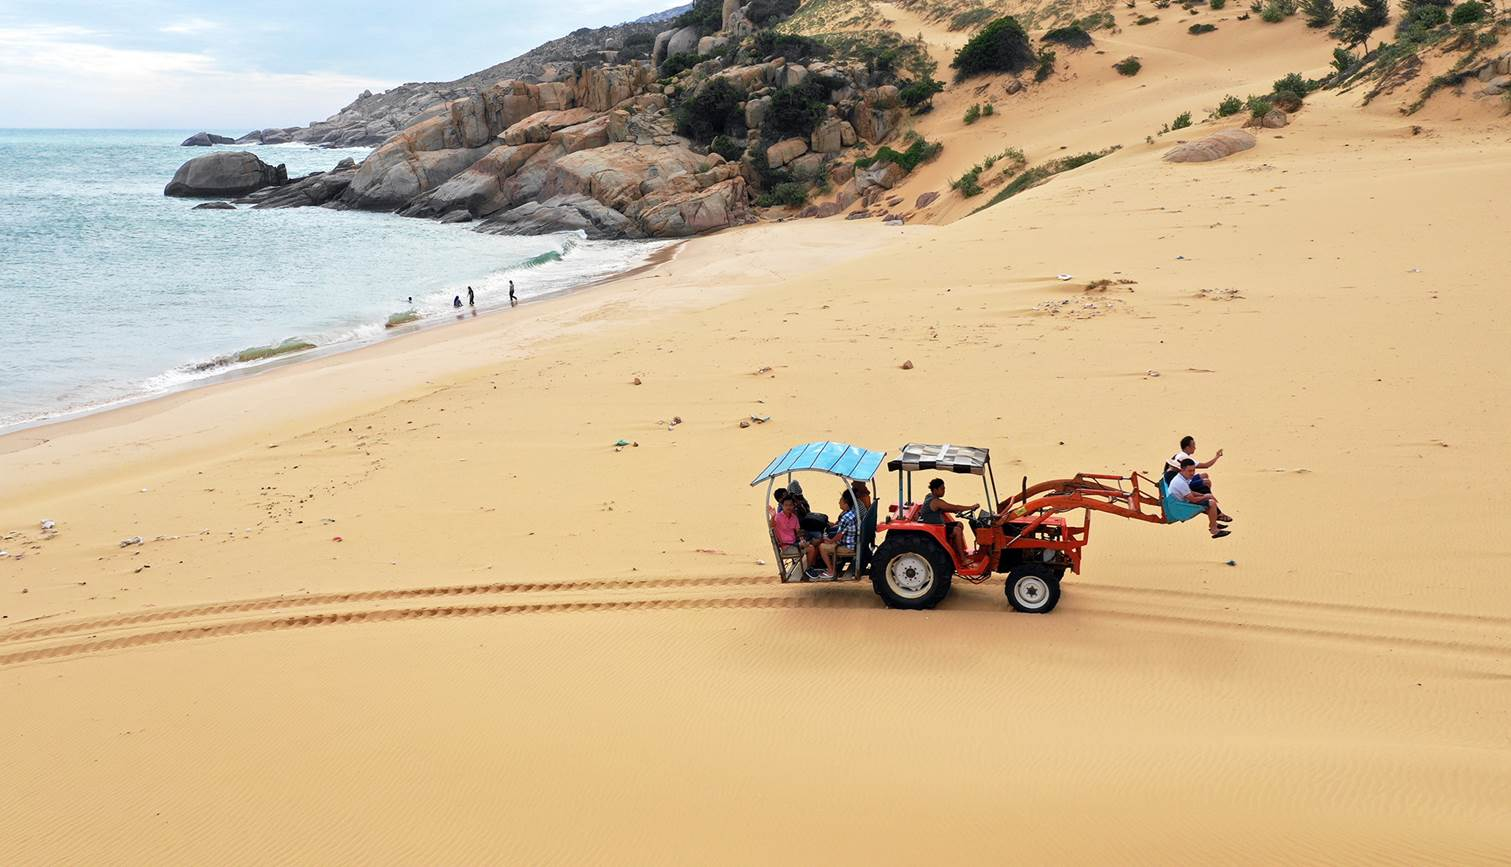 Xe xúc chở khách vượt đồi cát